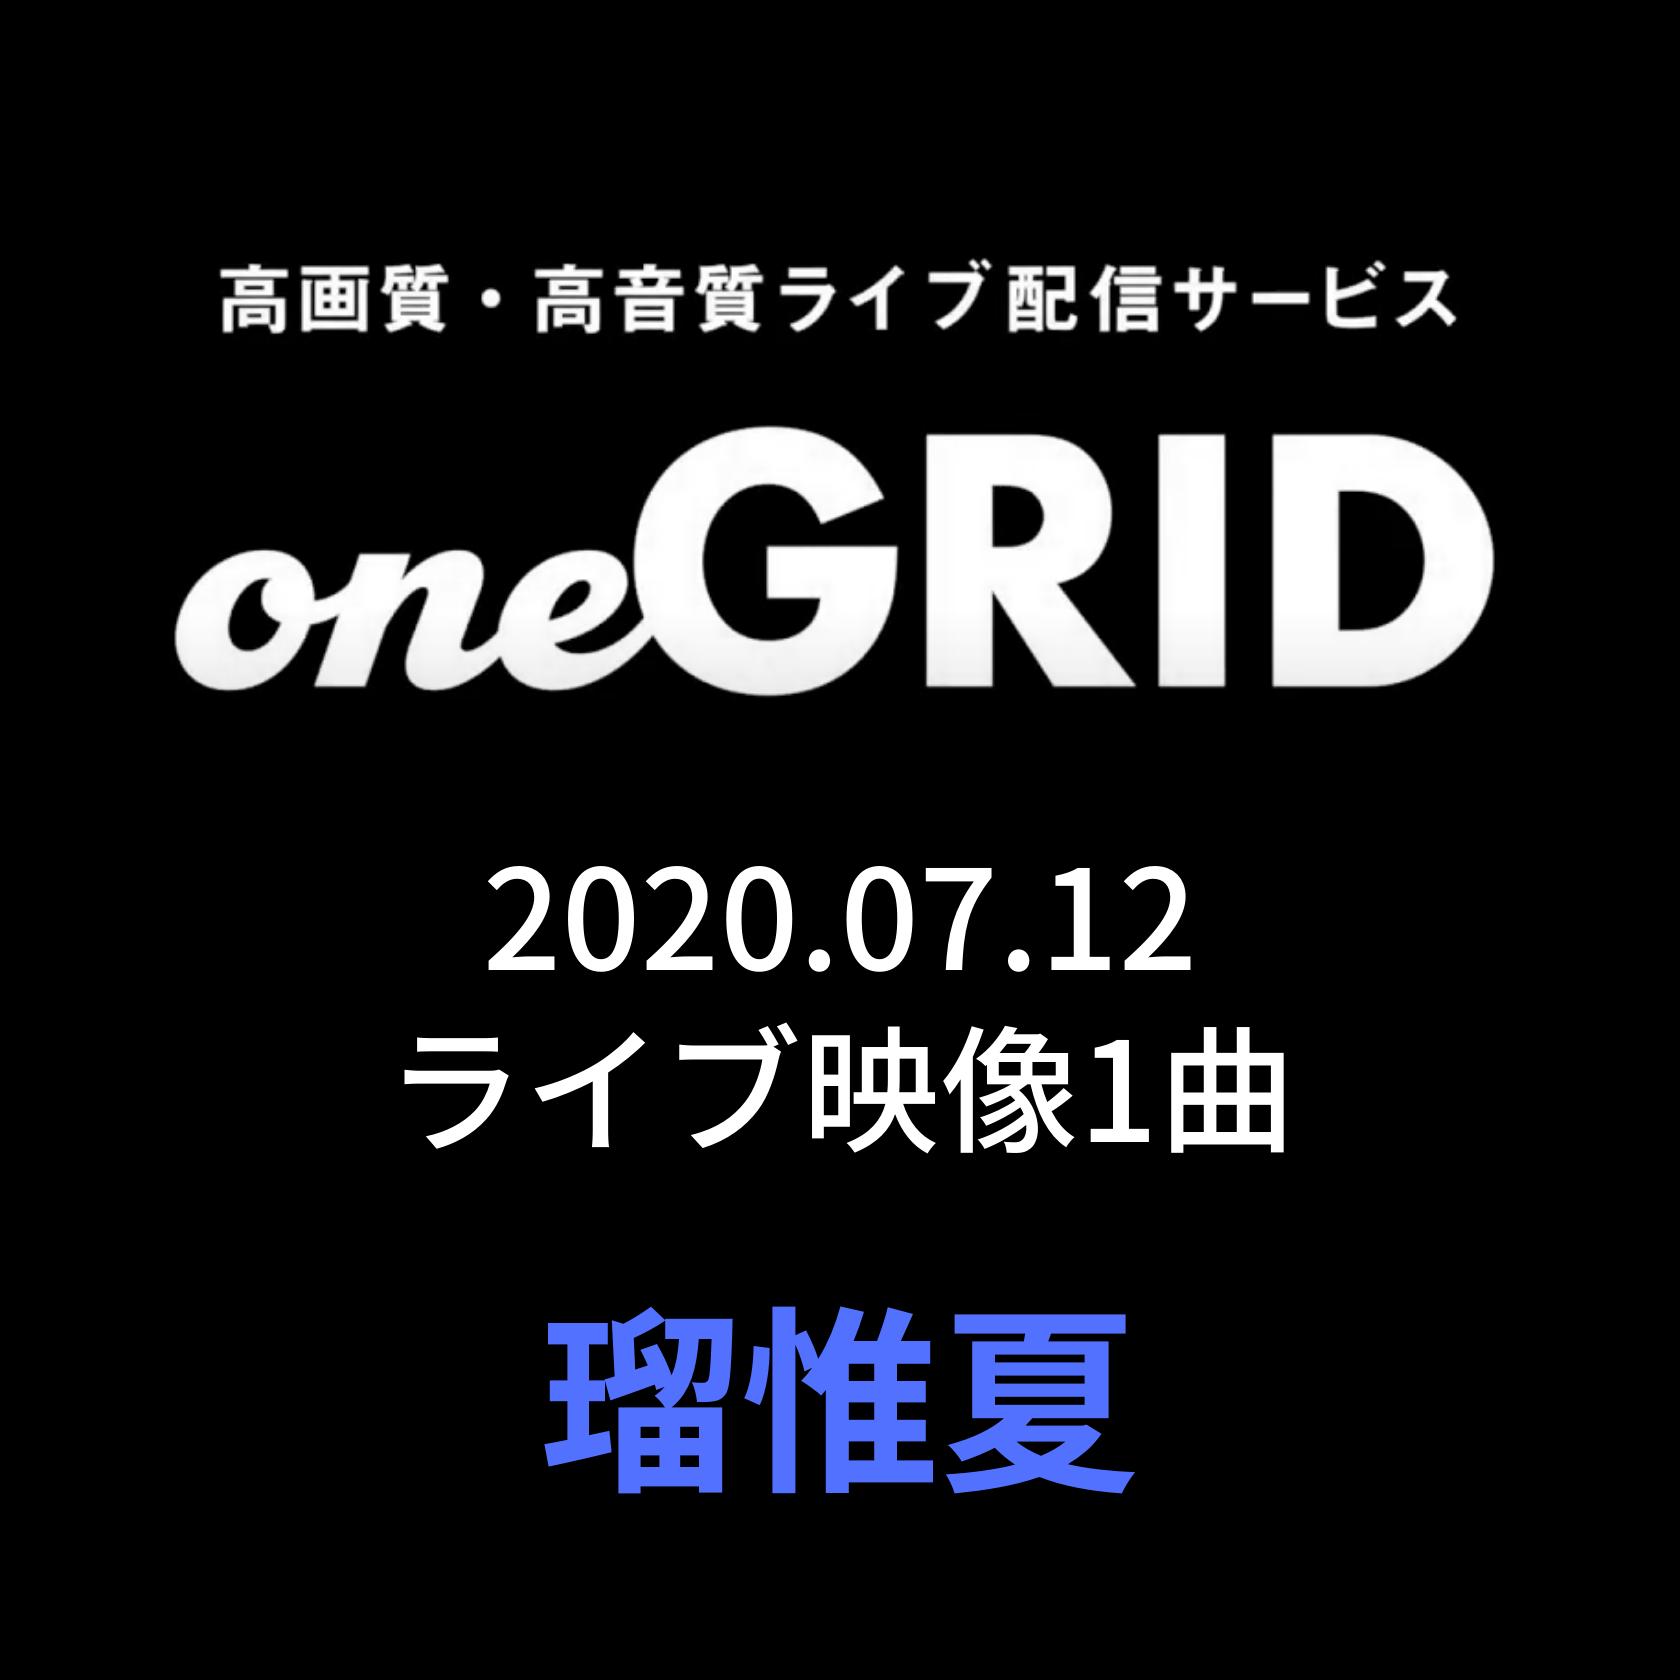 7/12 瑠惟夏 Live映像